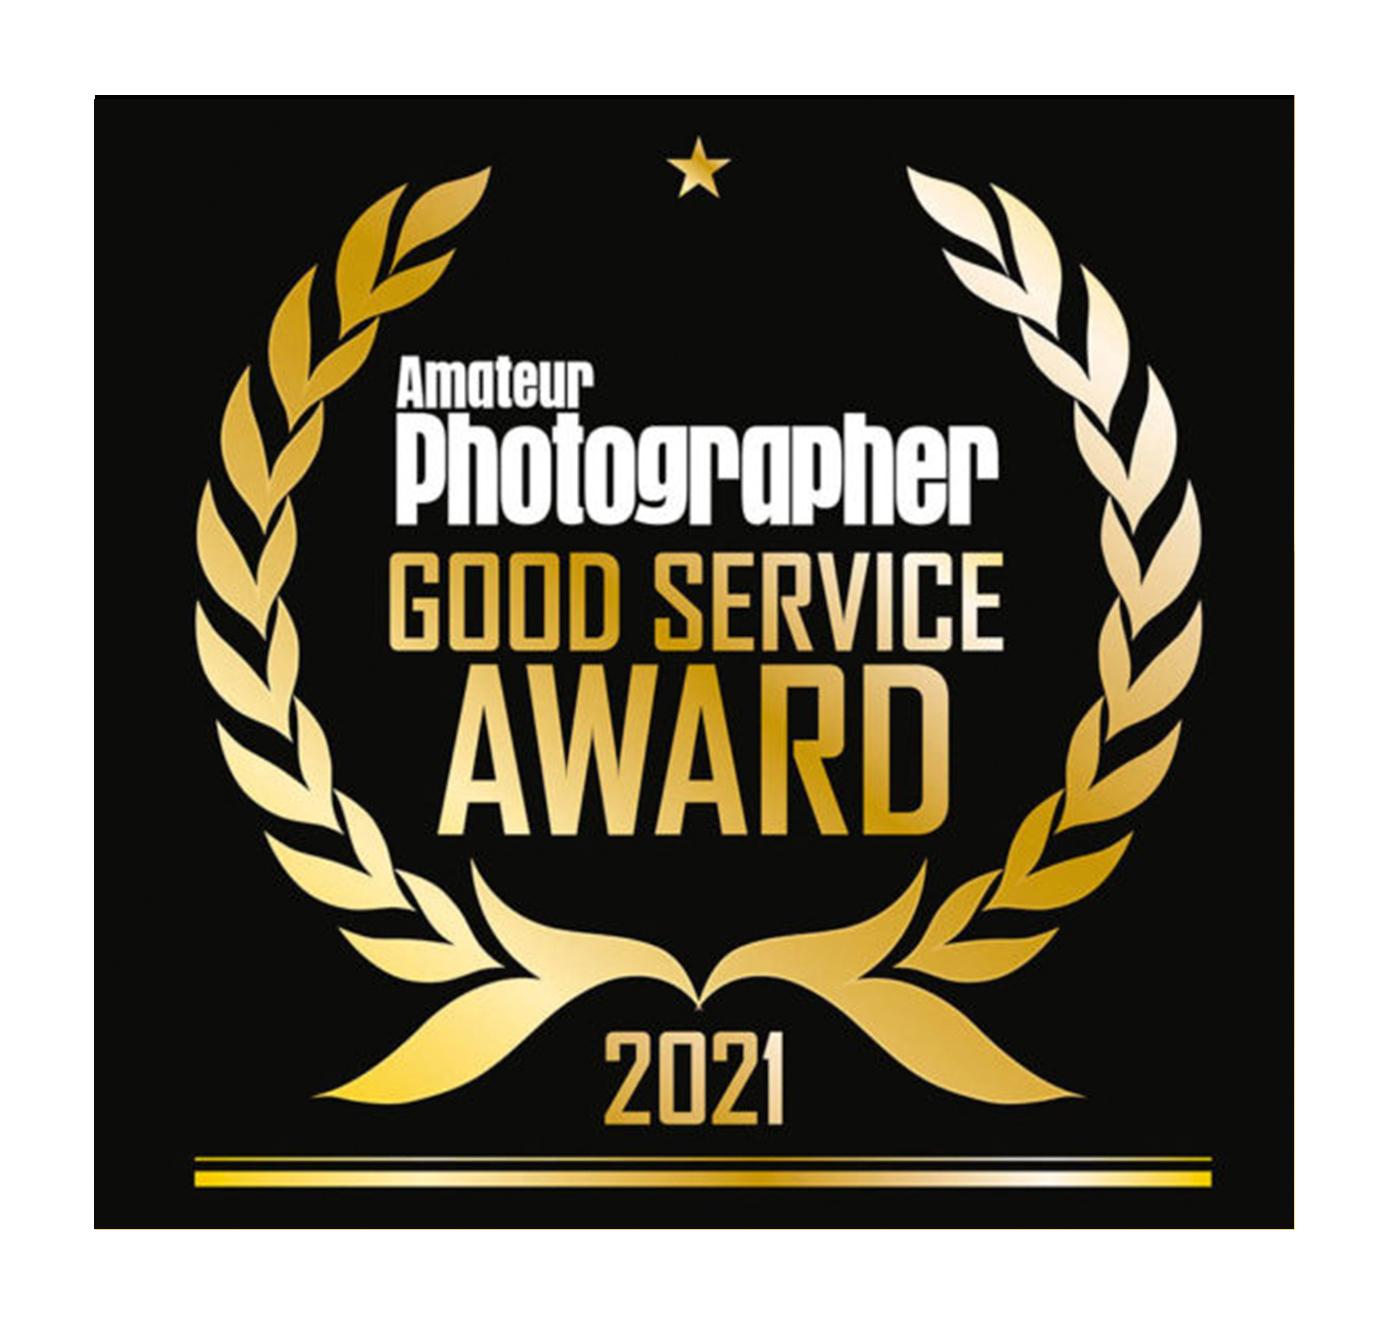 Amateur Photographer 2021 Good Service Award